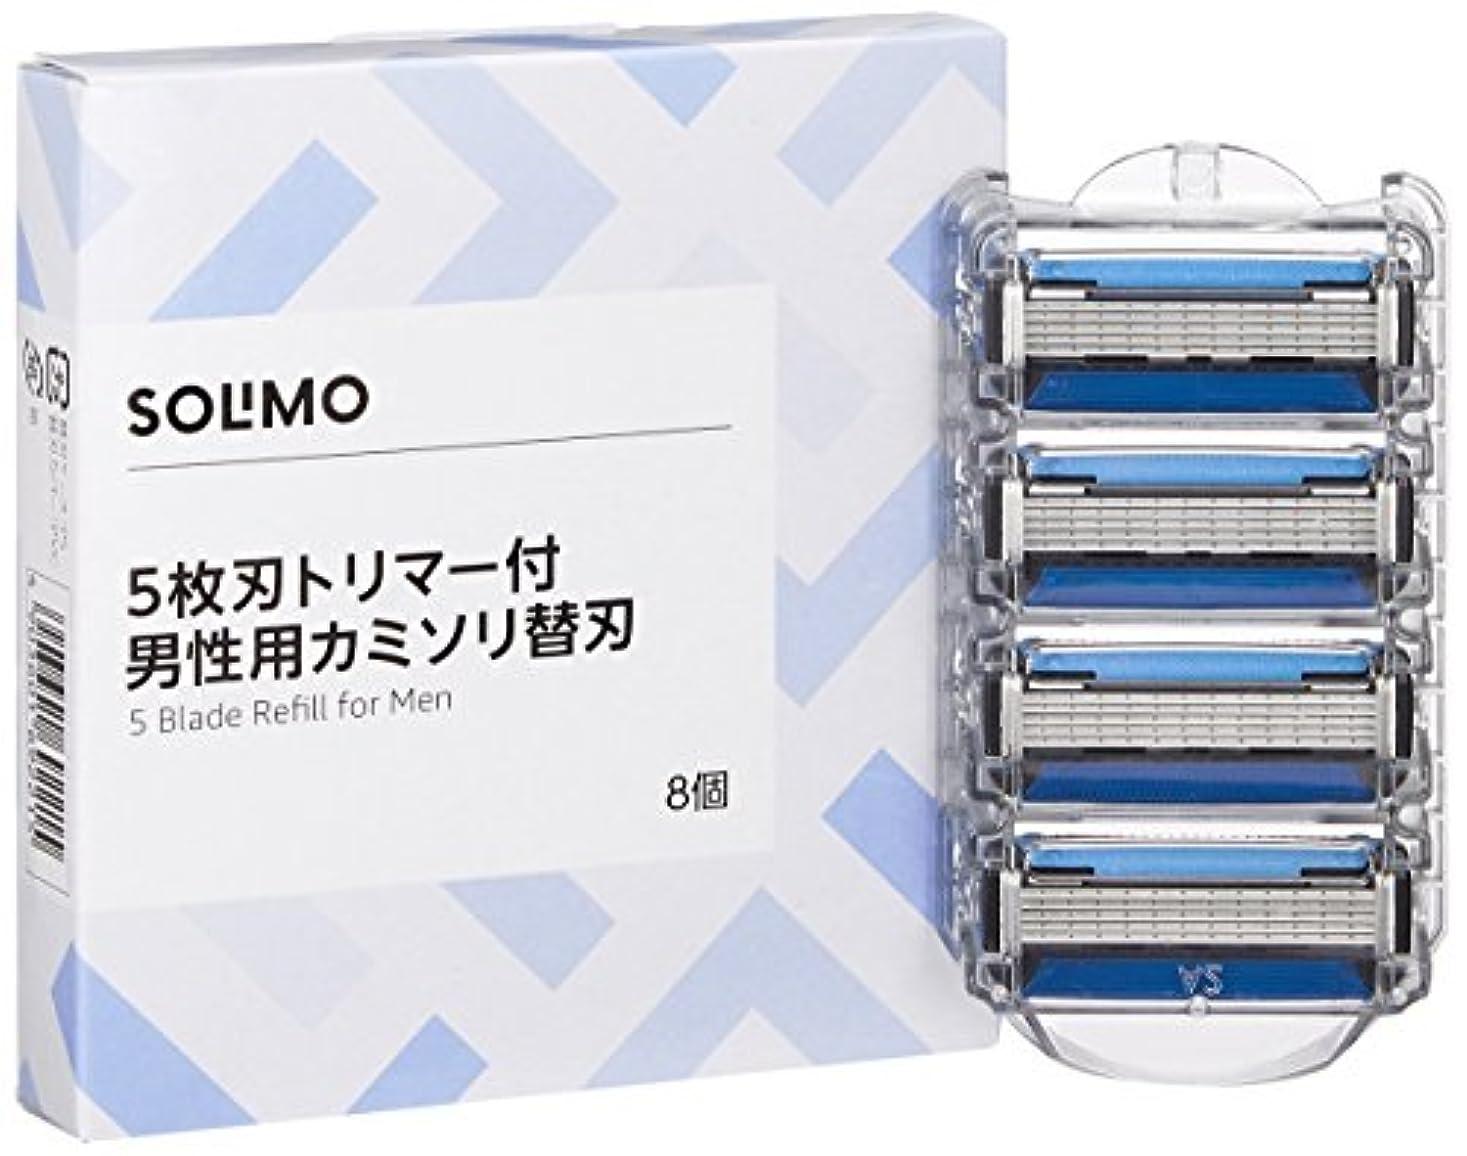 先例ミニピン[Amazonブランド]SOLIMO 5枚刃 トリマー付 男性用 カミソリ替刃8個